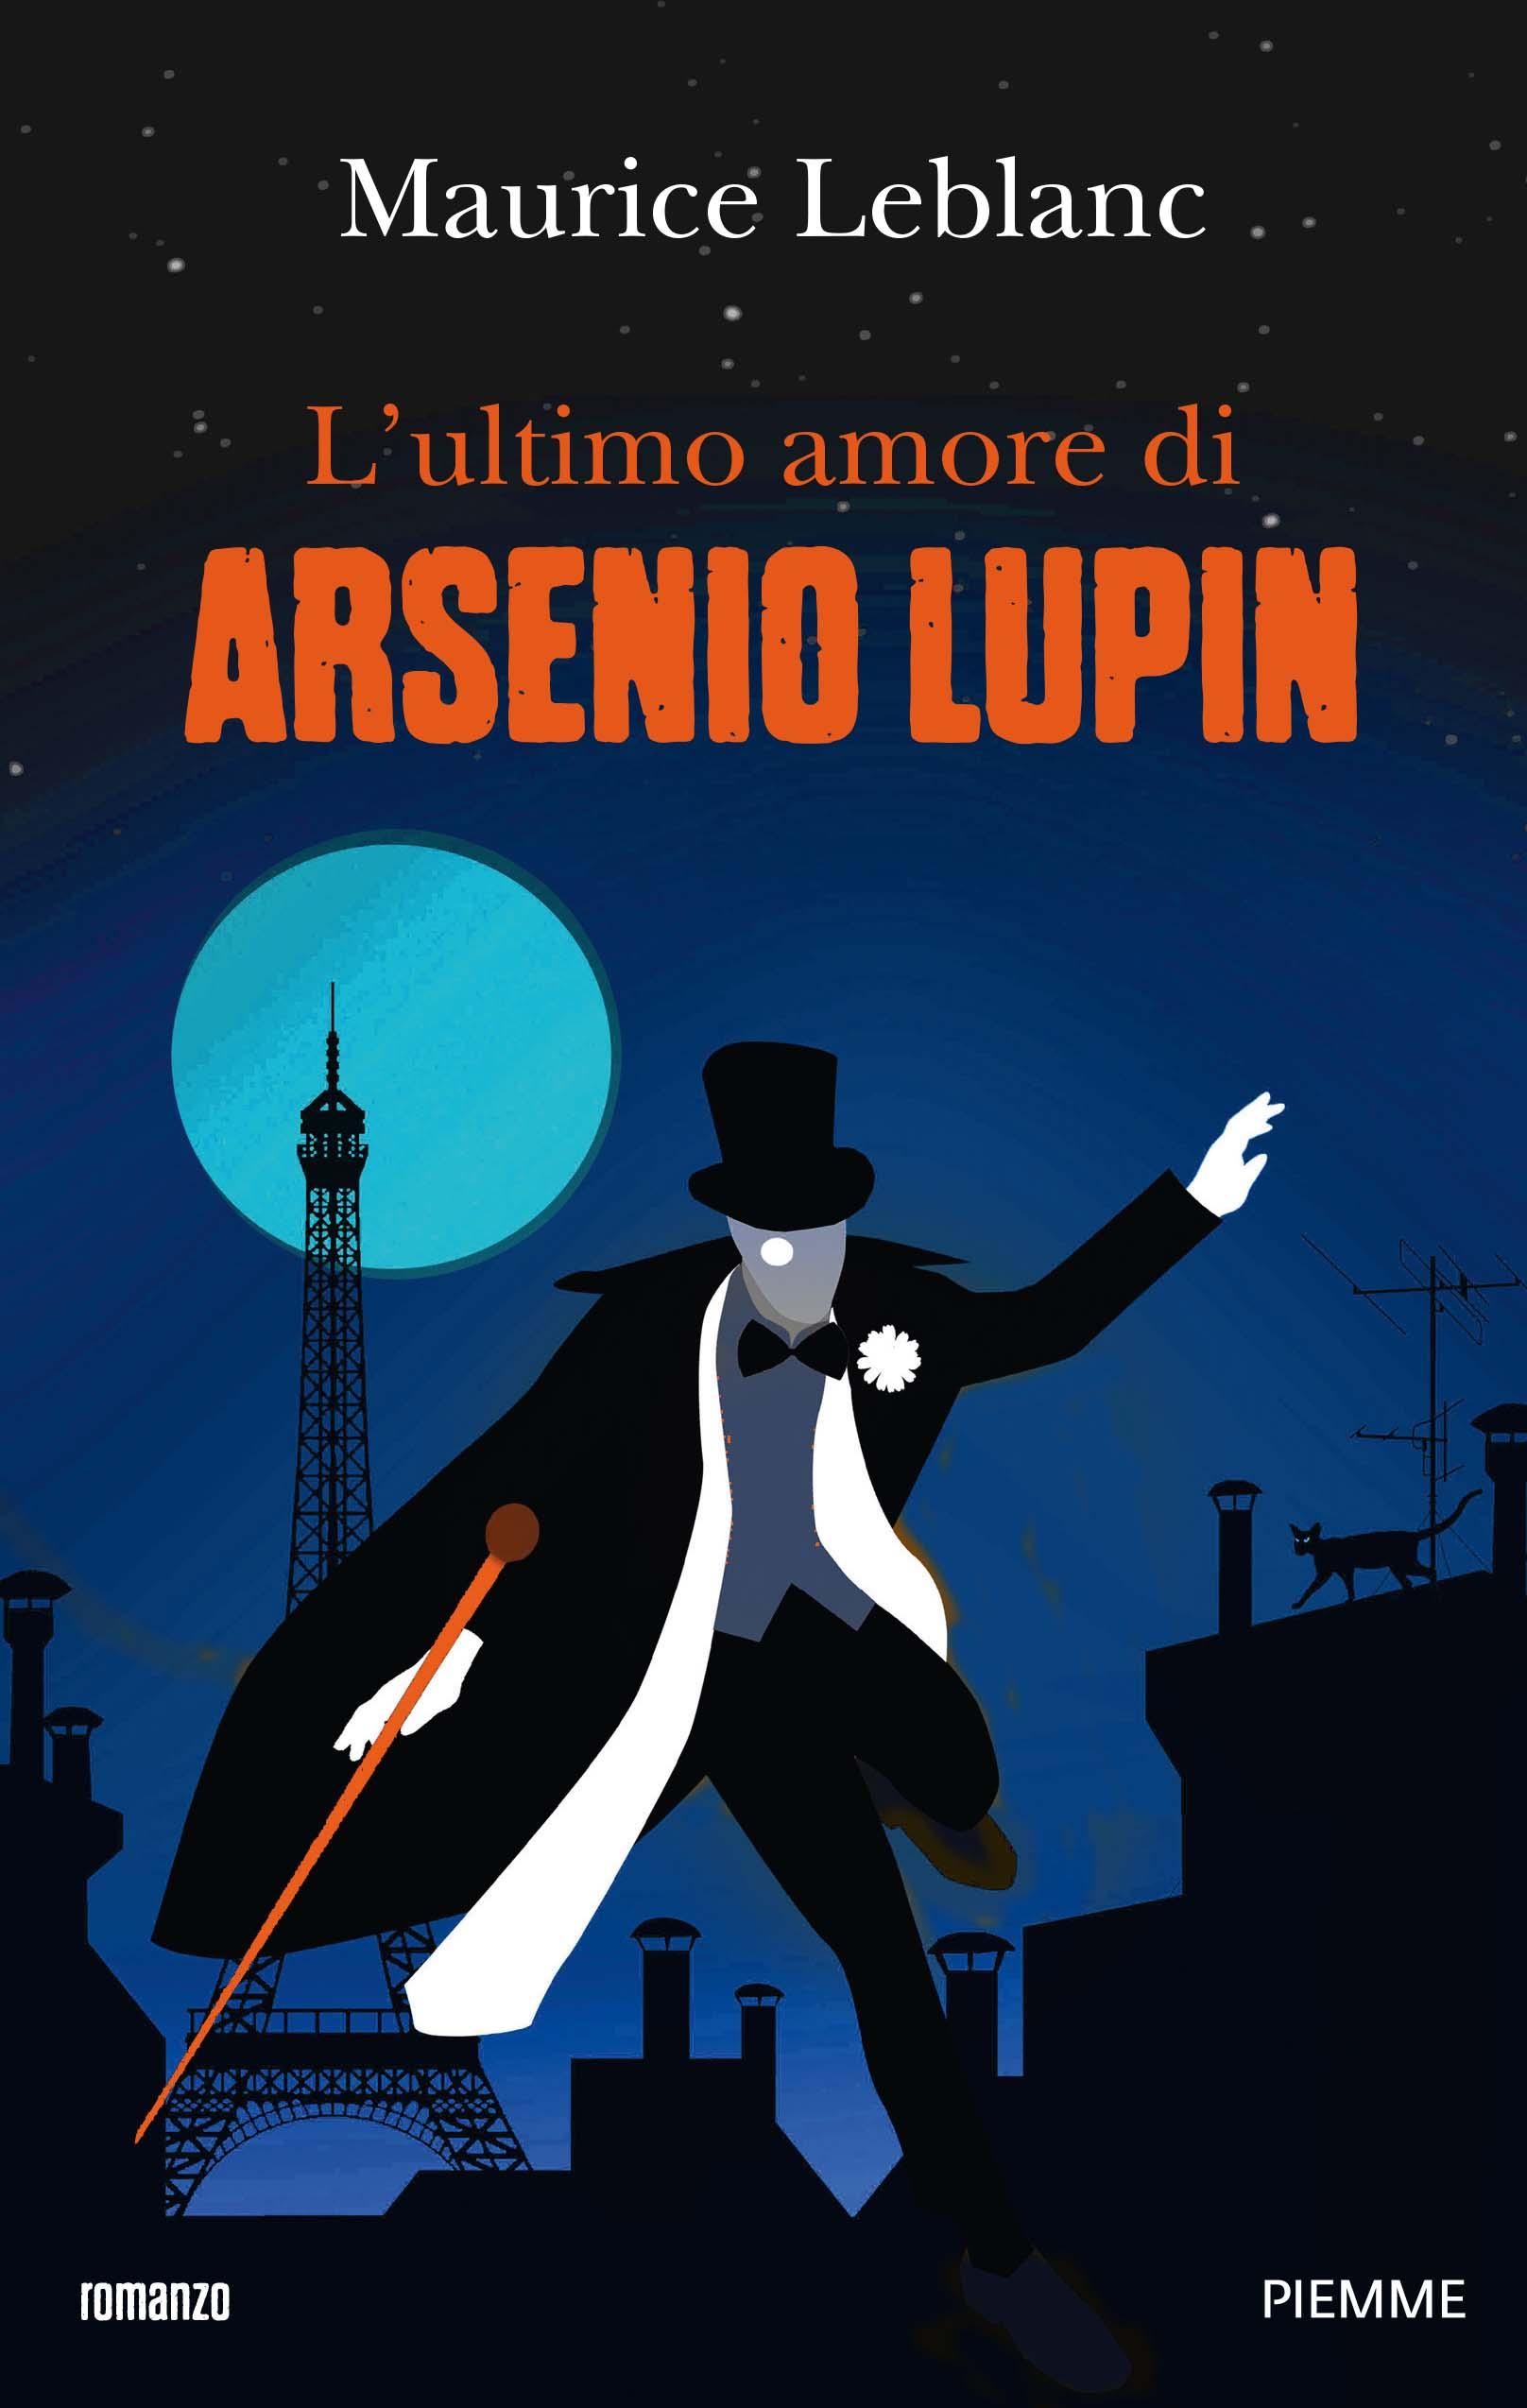 L'ultimo amore di Arsenio Lupin, libri per ragazzi 2021